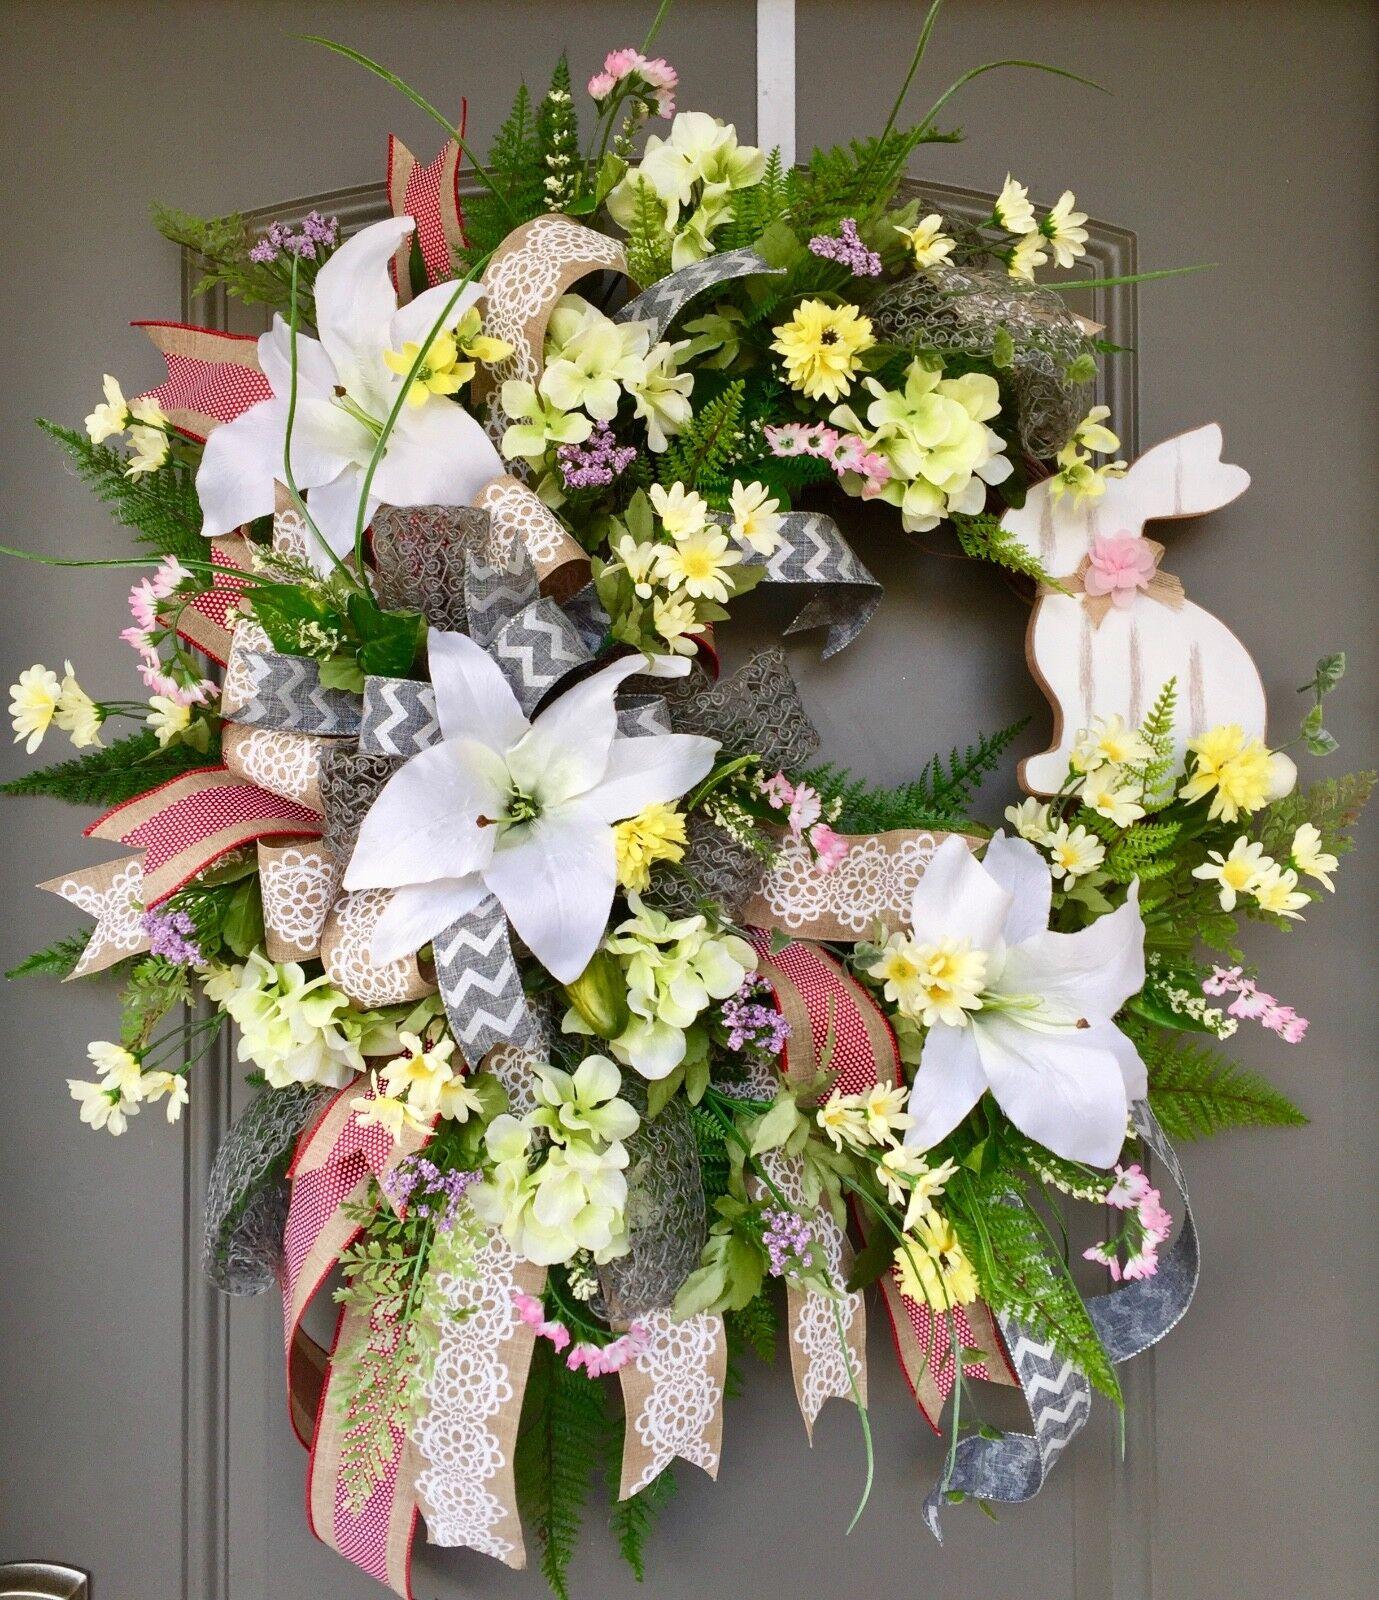 Spring Bunny Wreath, Spring Door Door Door Decor, Spring Floral Wreath, Easter Lily Wreath 756ac9